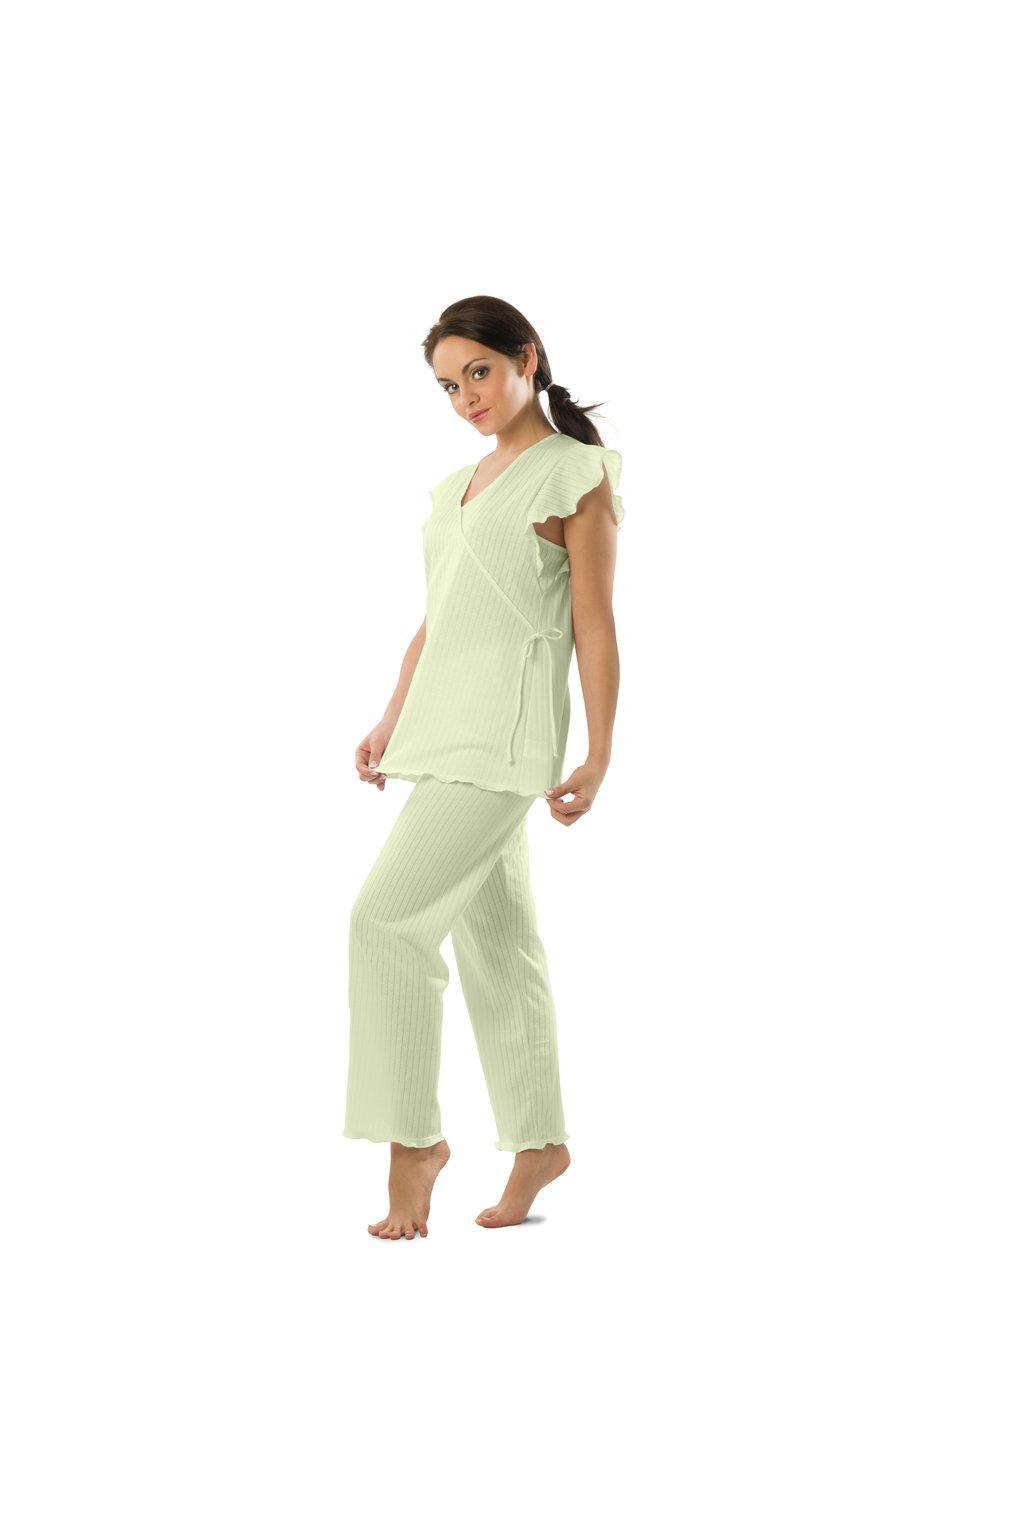 Dámské pyžamo s krátkým rukávem a dlouhými nohavicemi, 104120 115, lososová